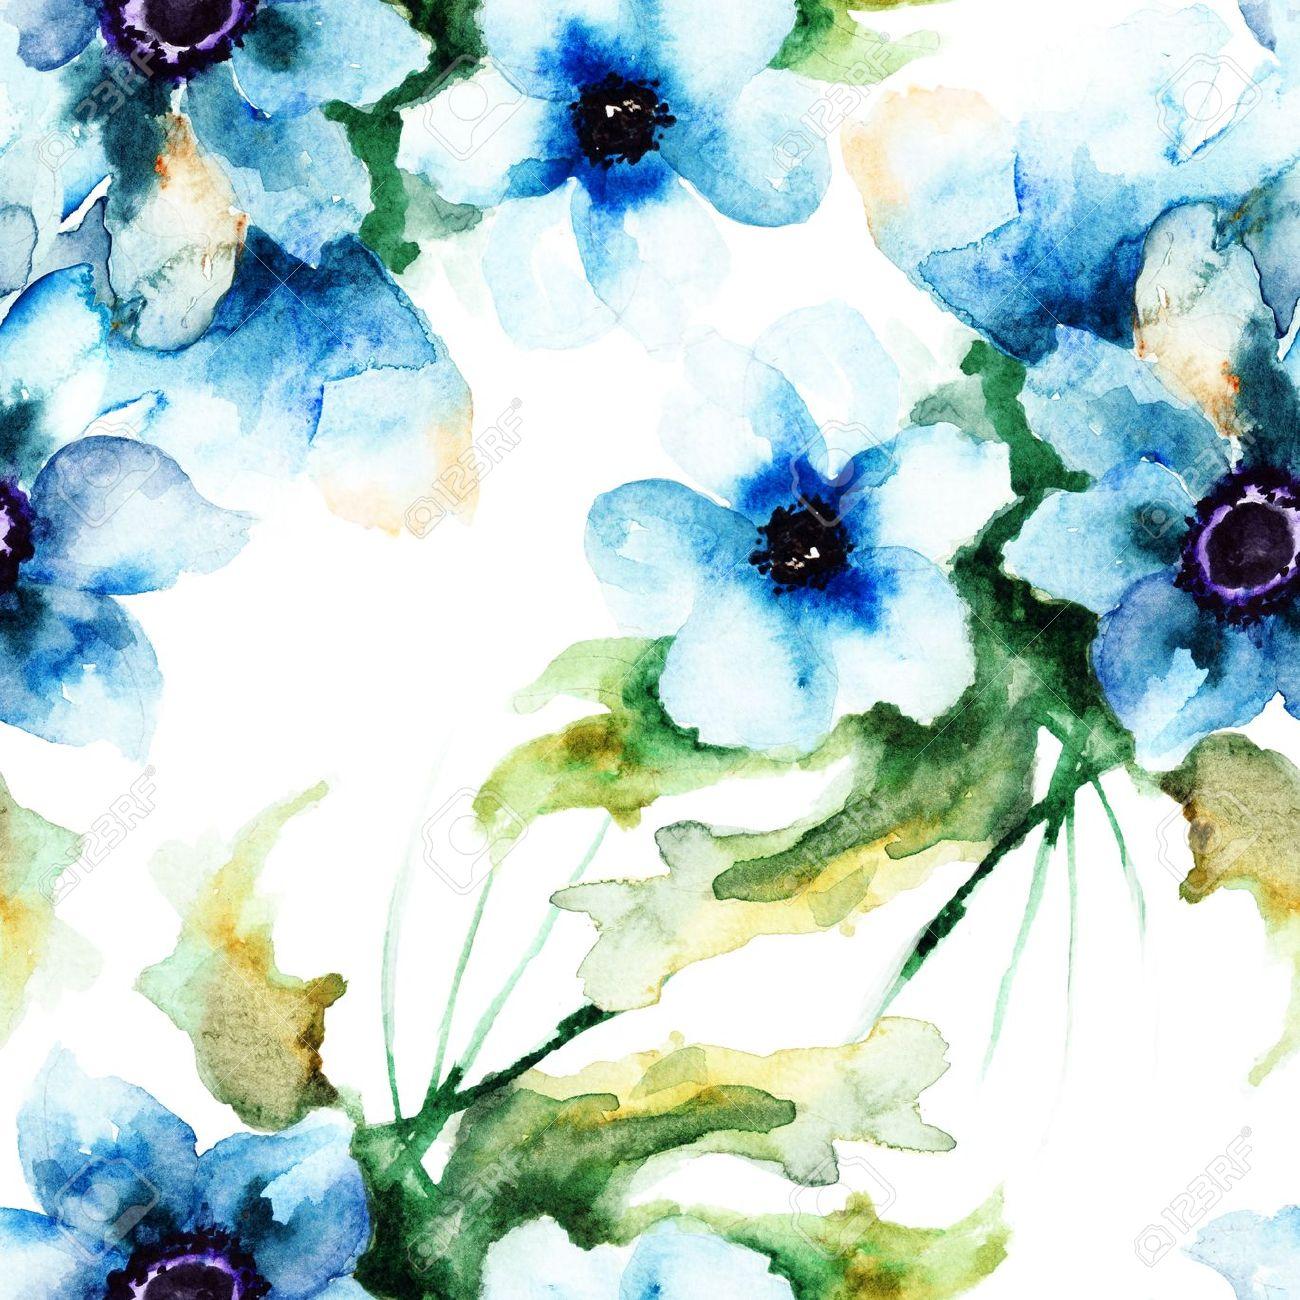 青い夏の花 水彩画イラストでシームレスな壁紙 の写真素材 画像素材 Image